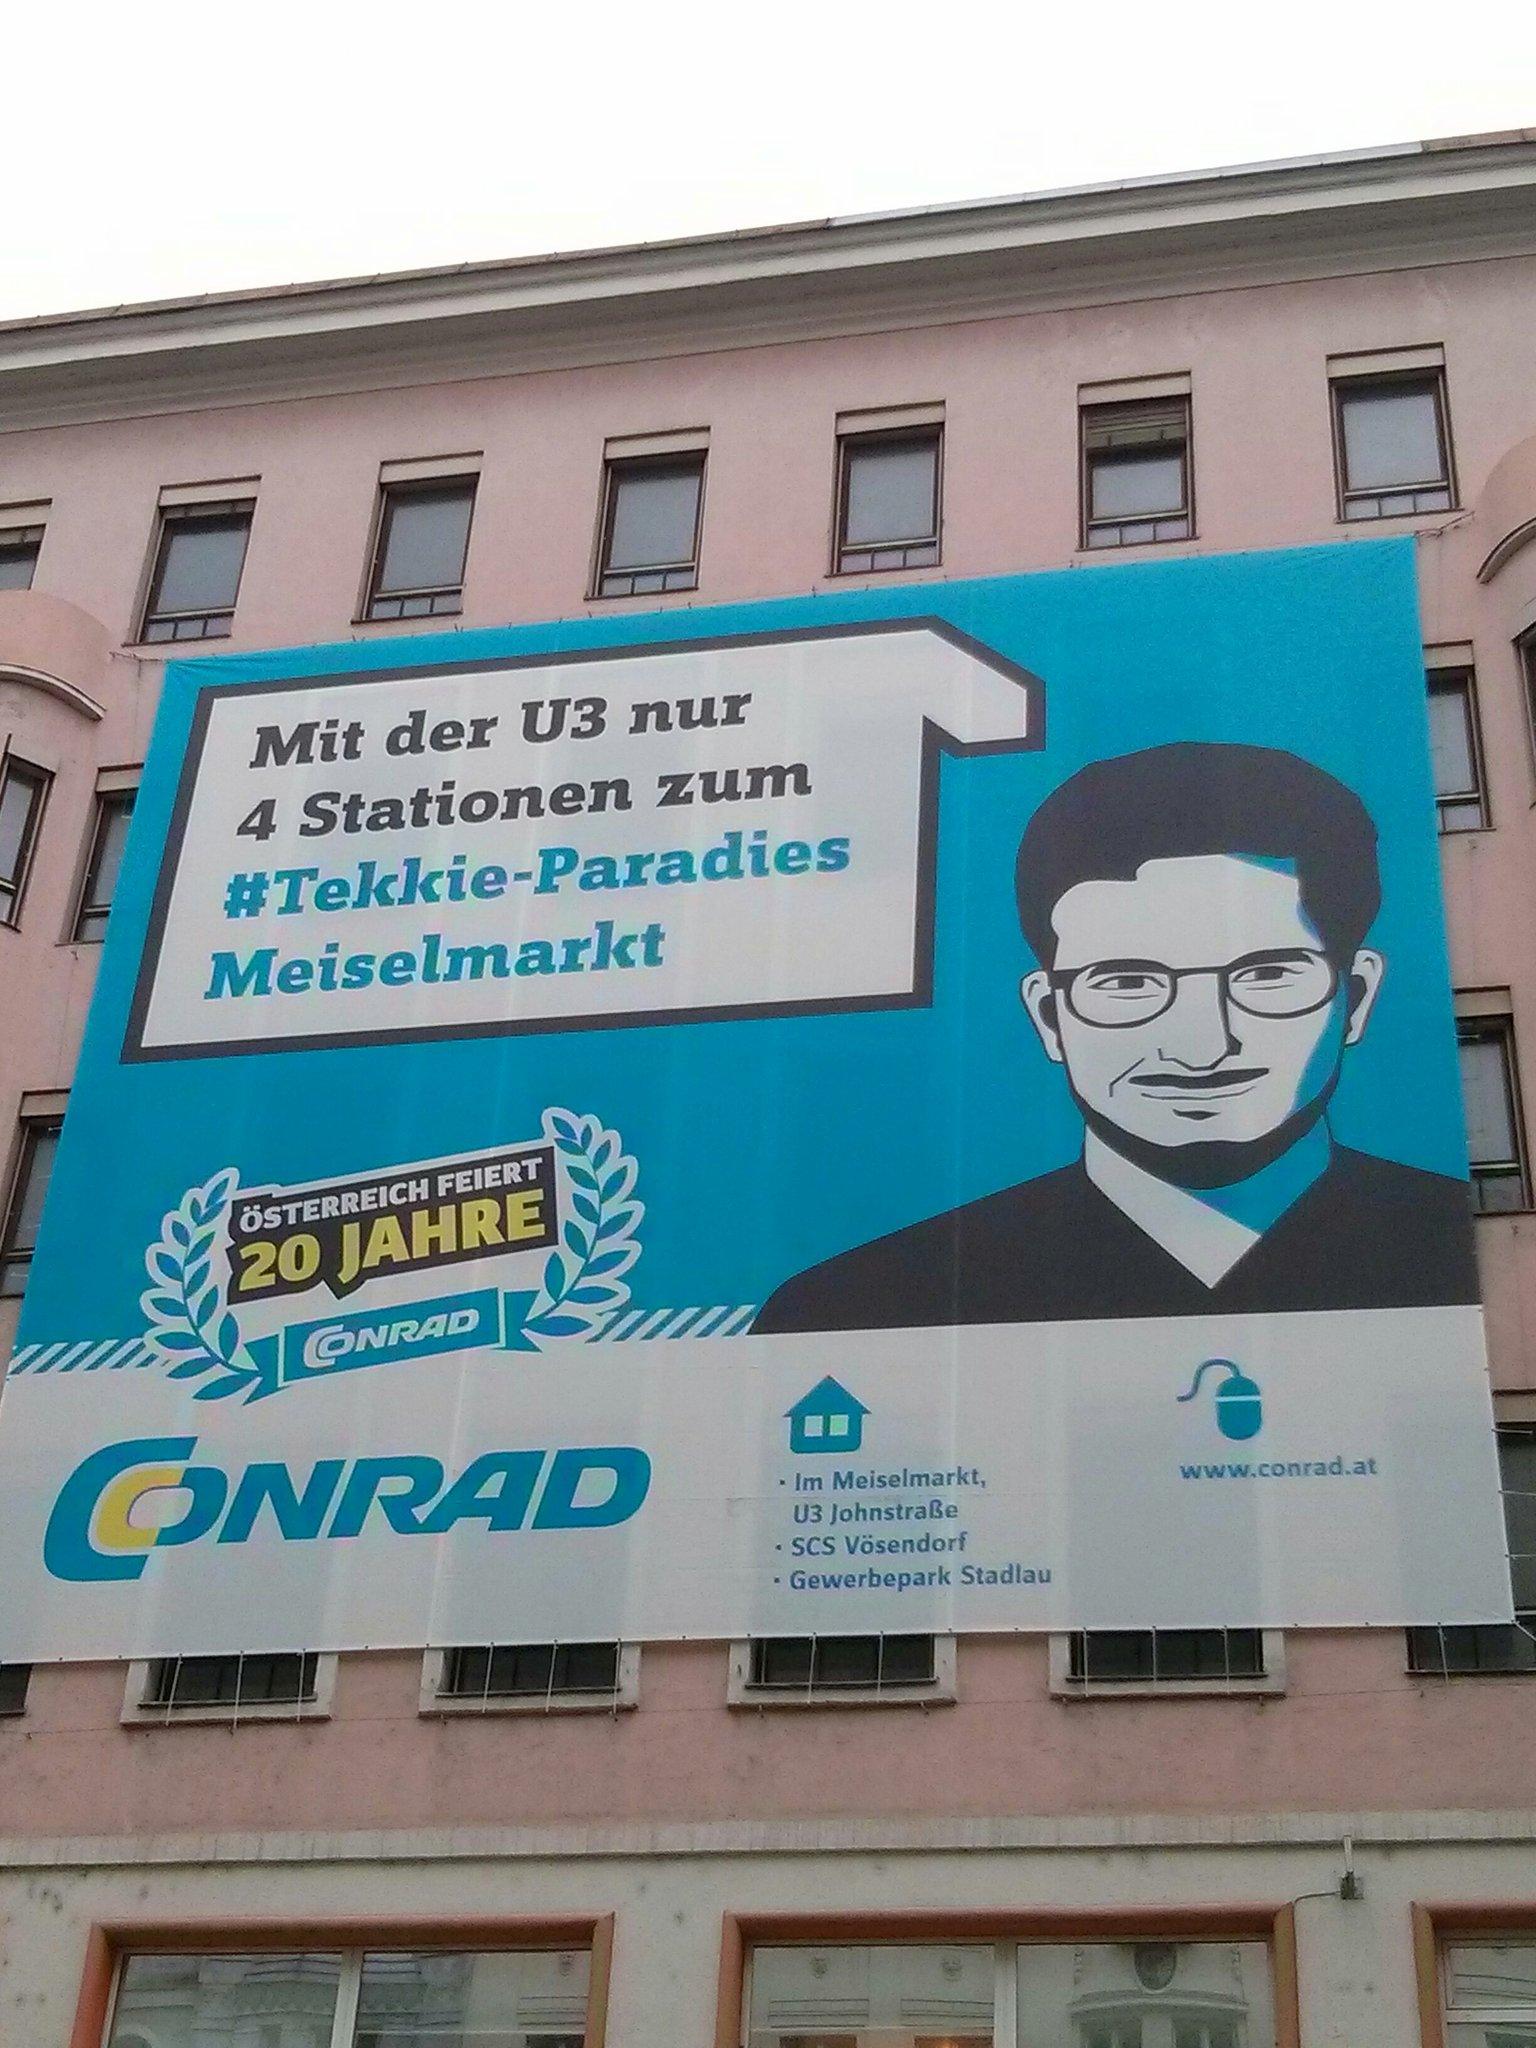 Michael Unger On Twitter Warum Wirbt Edward Snowden Für Conrad